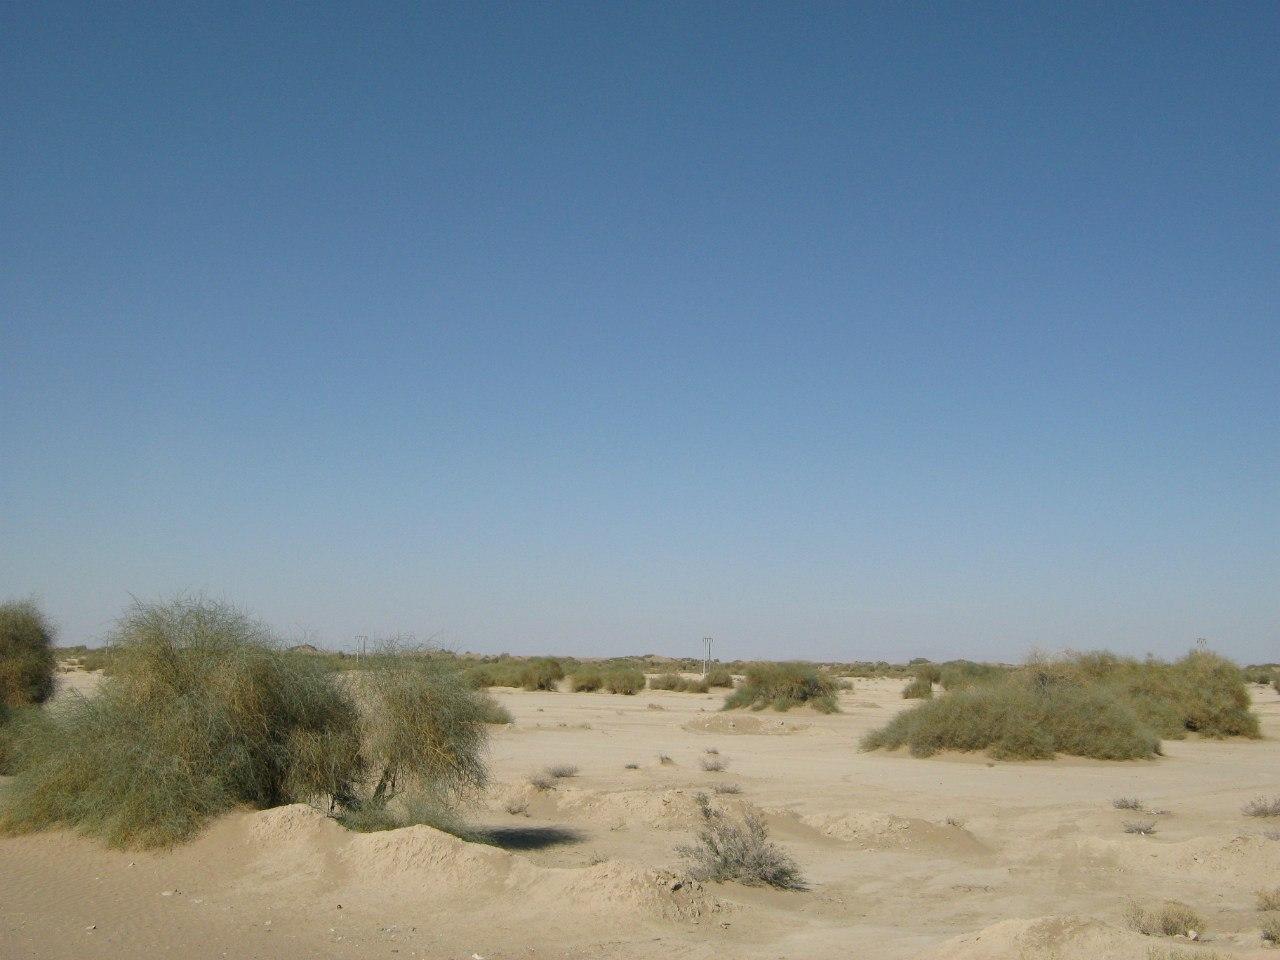 Типичные пейзажи для юго-западного Ирана